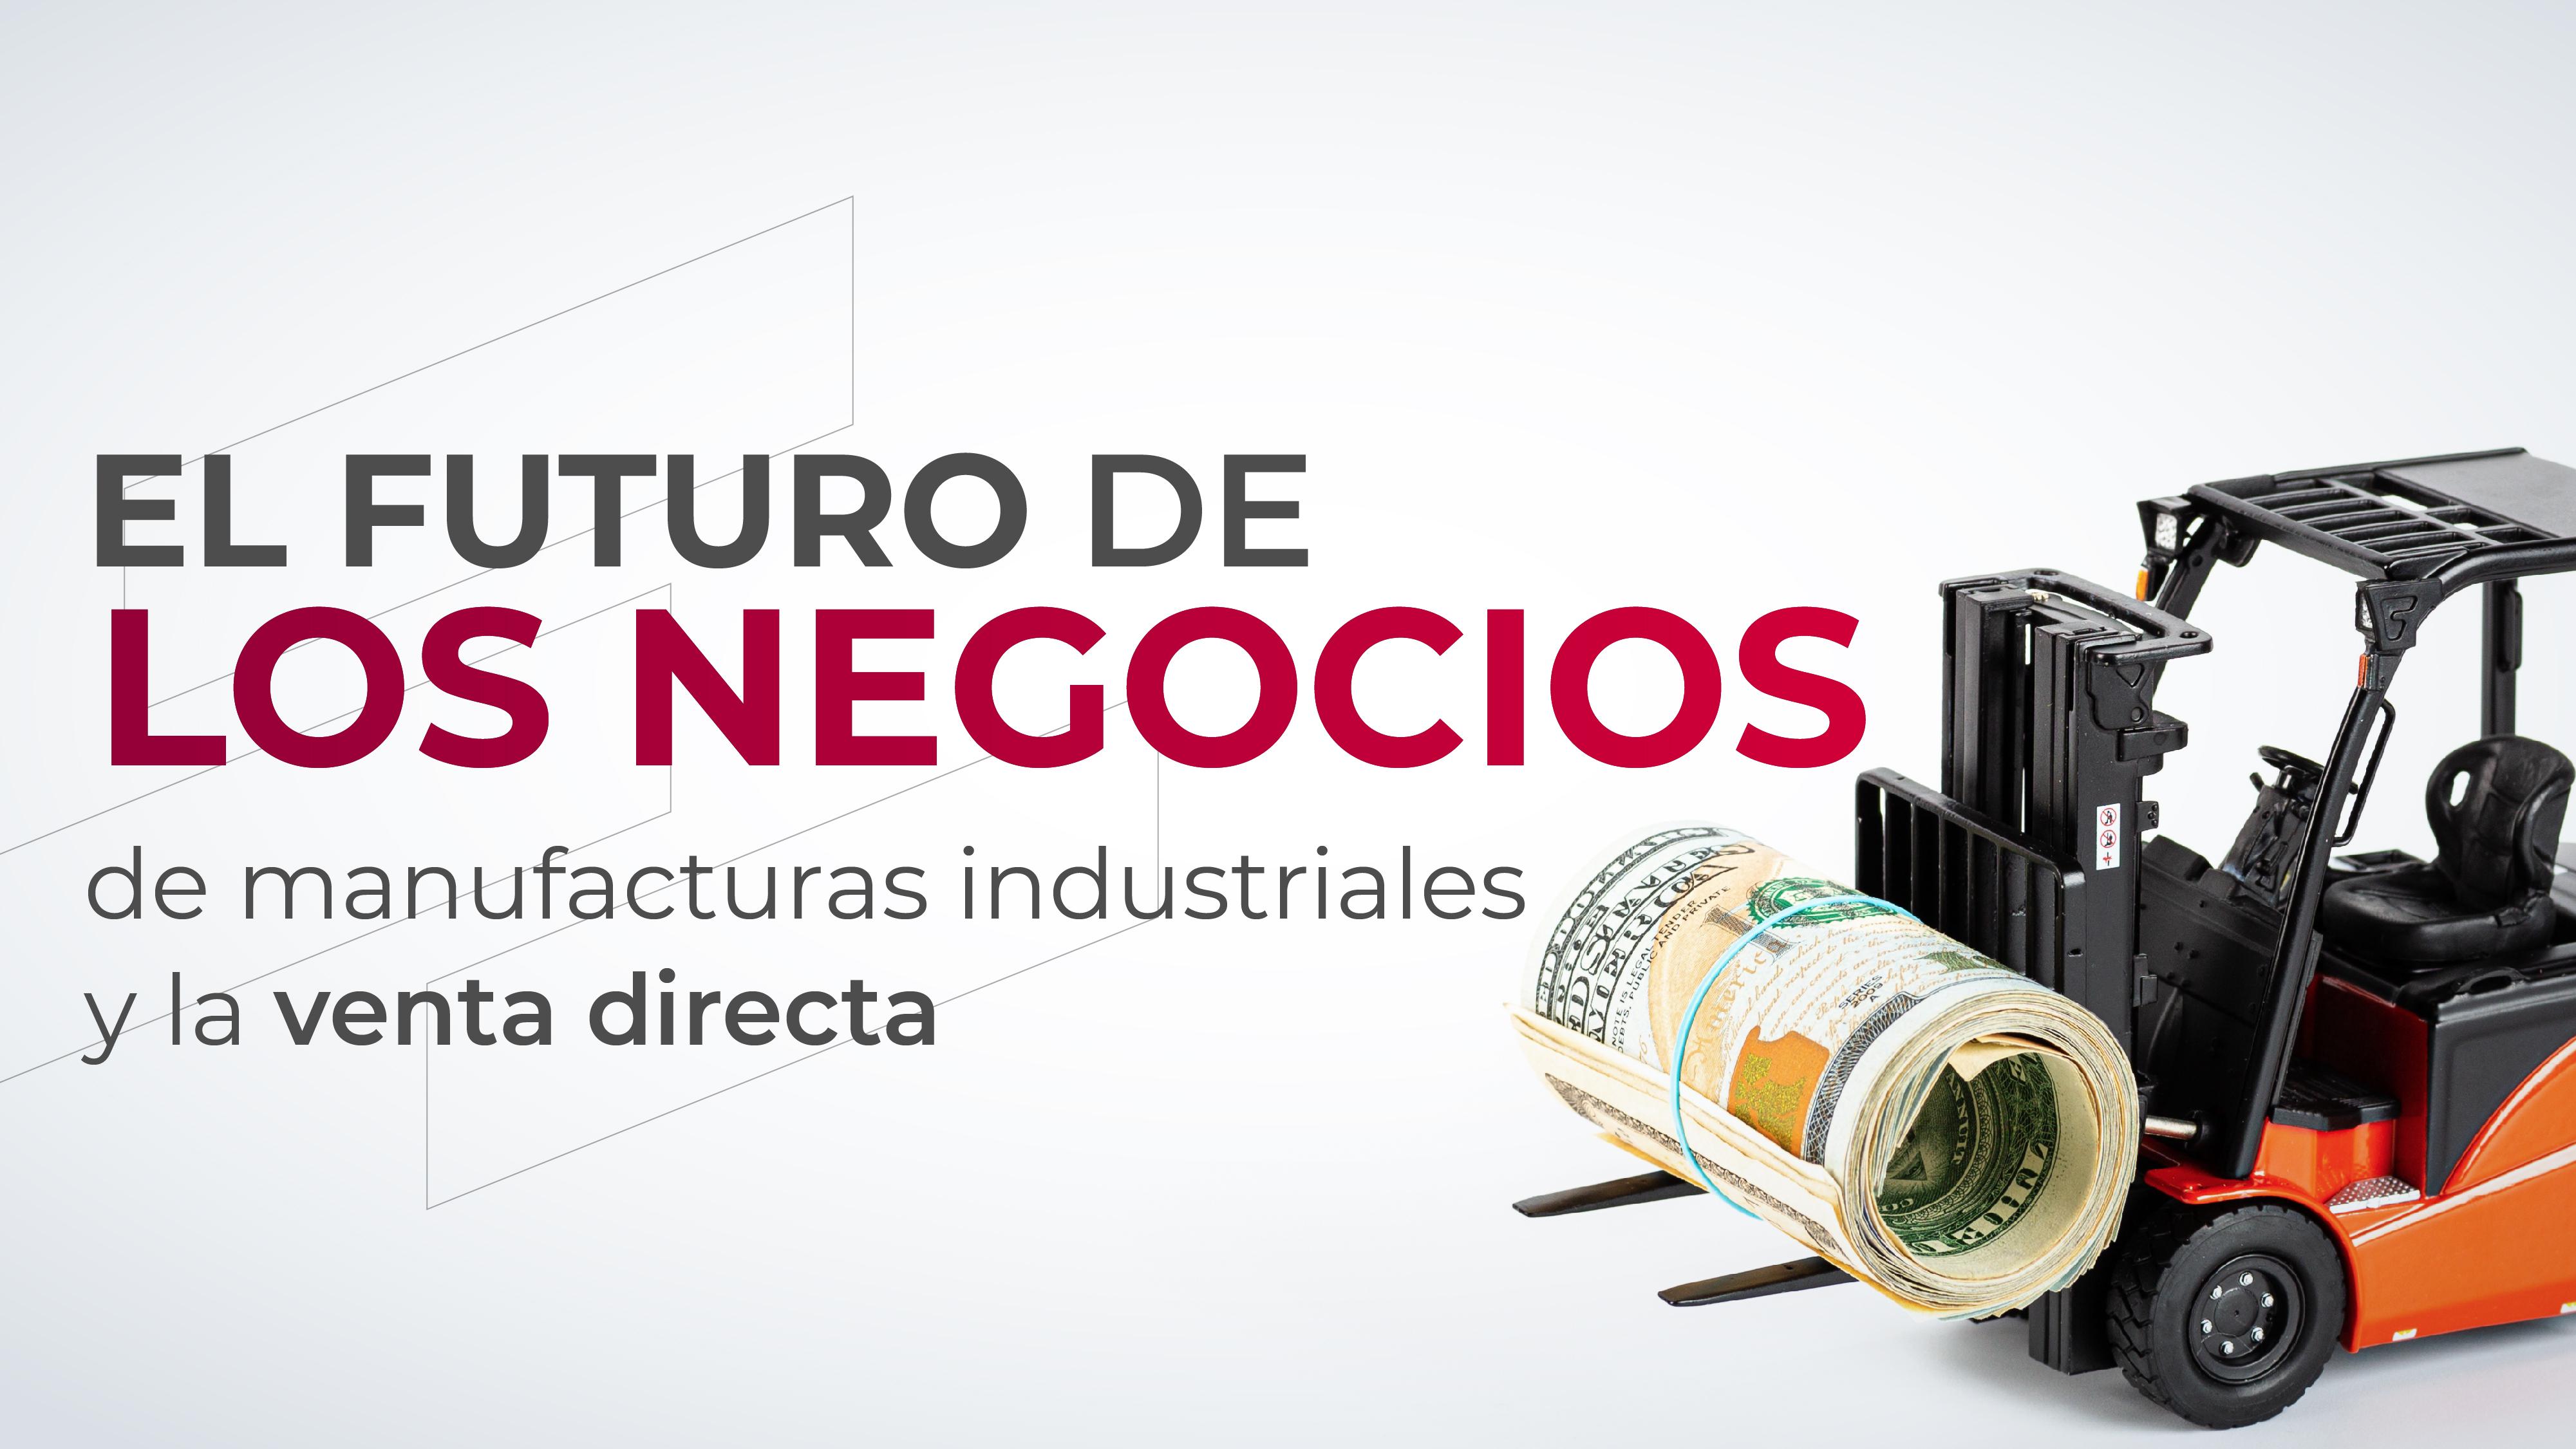 El futuro de los negocios de manufacturas industriales y la venta directa